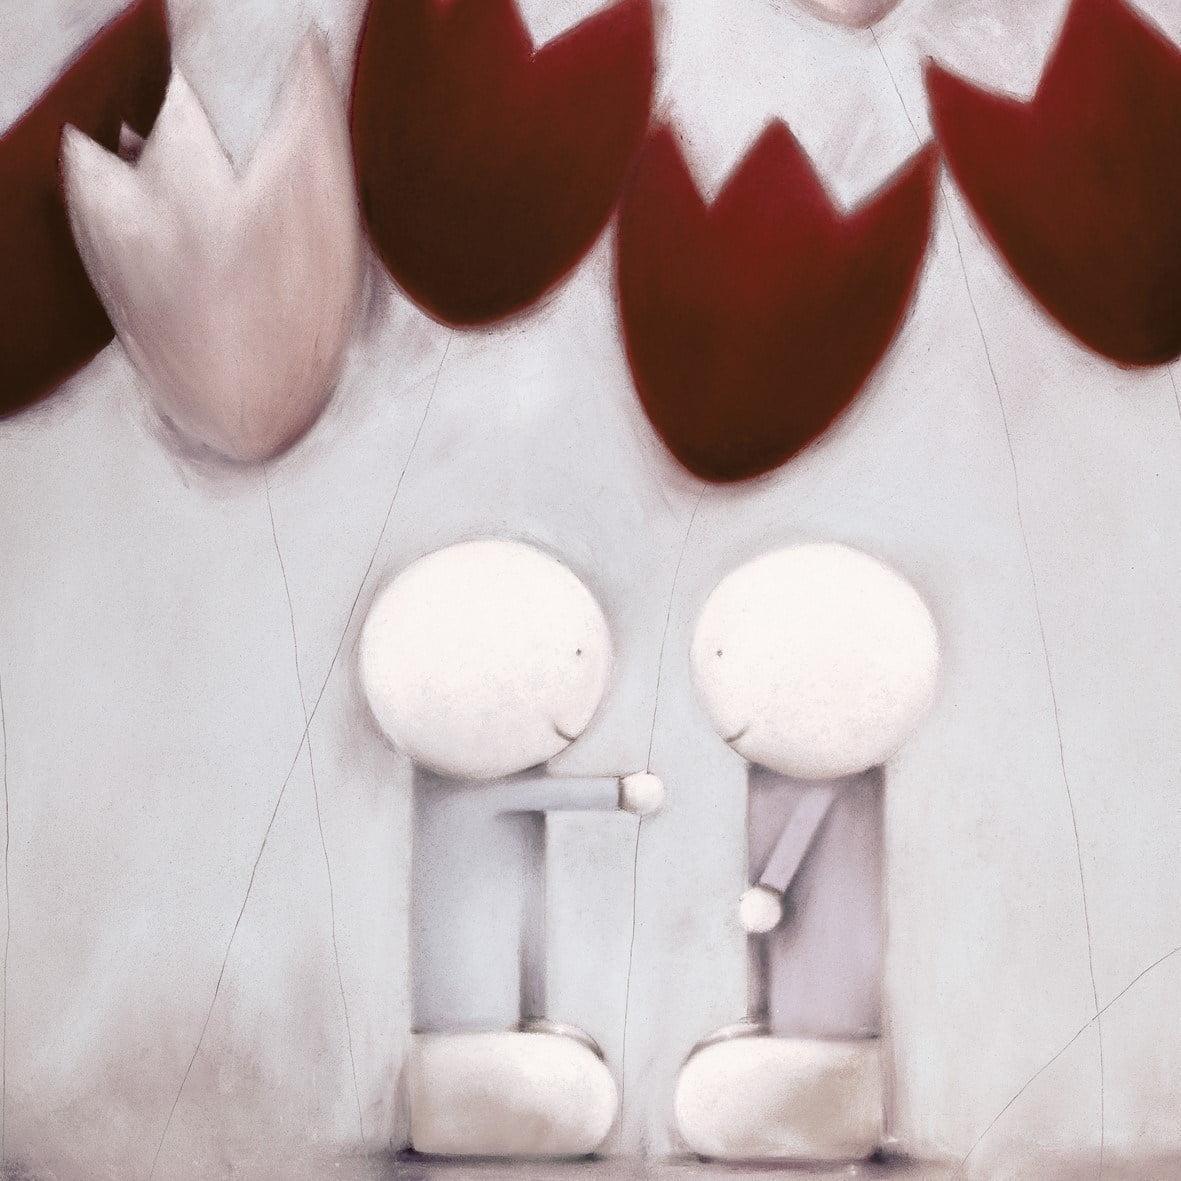 A small token of love ~ Doug Hyde